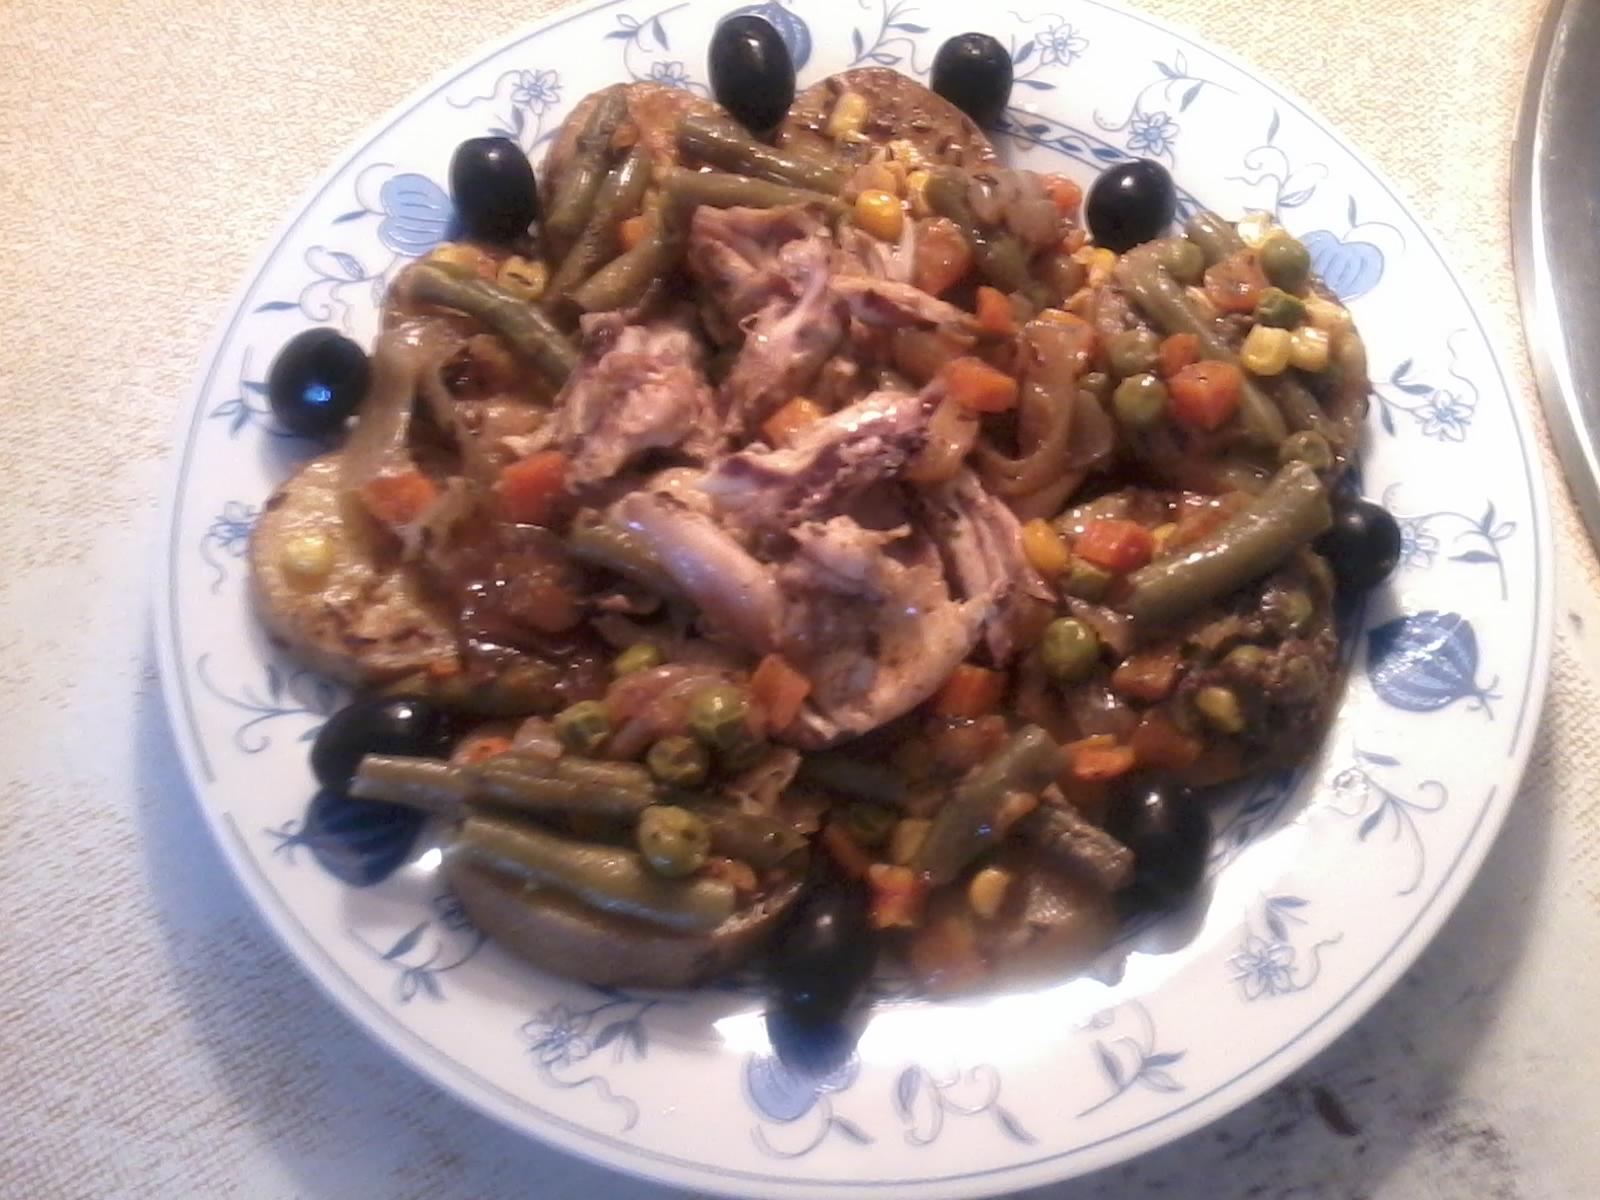 Recept Zeleninová křidélka - Porcička amerických brambor s obranými kuřecími křidélky se zeleninou a černými olivami... Dobrou chuť....///